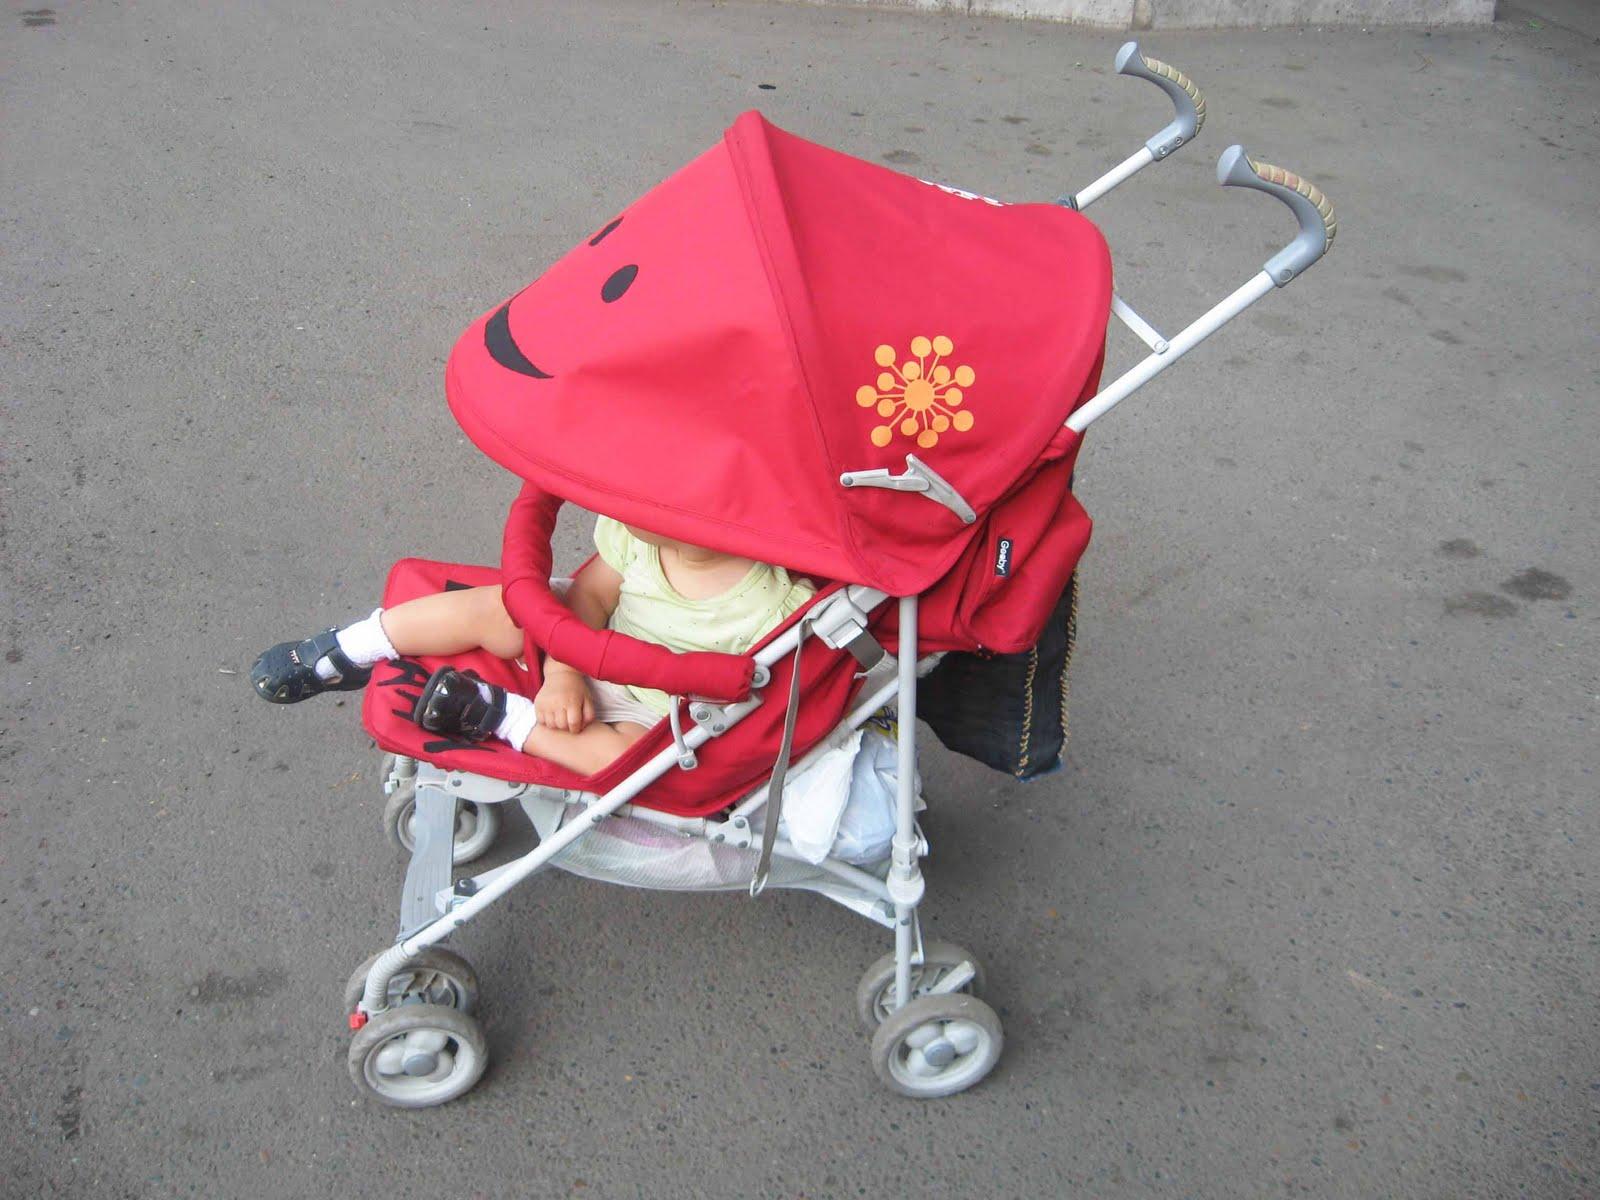 Козырек для коляски своими руками мастер класс фото 930